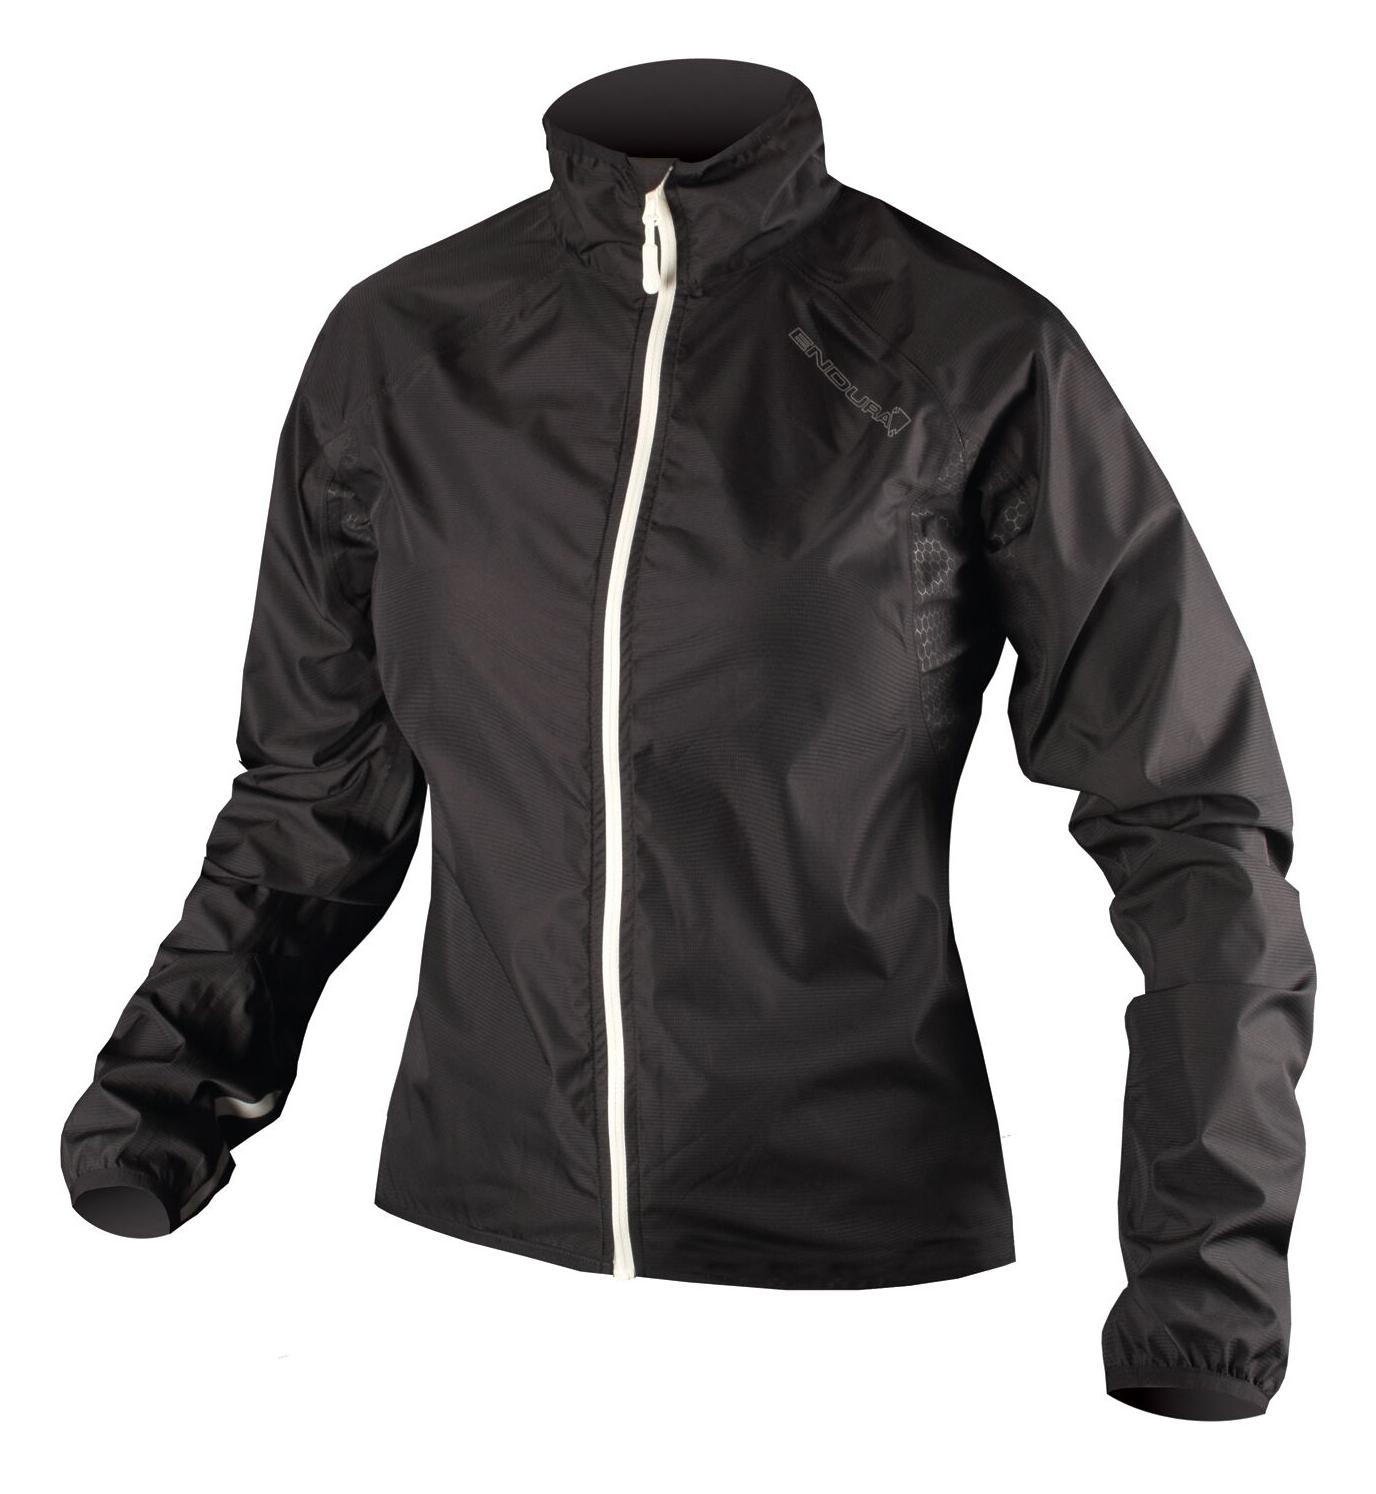 Endura - Xtract | bike jacket